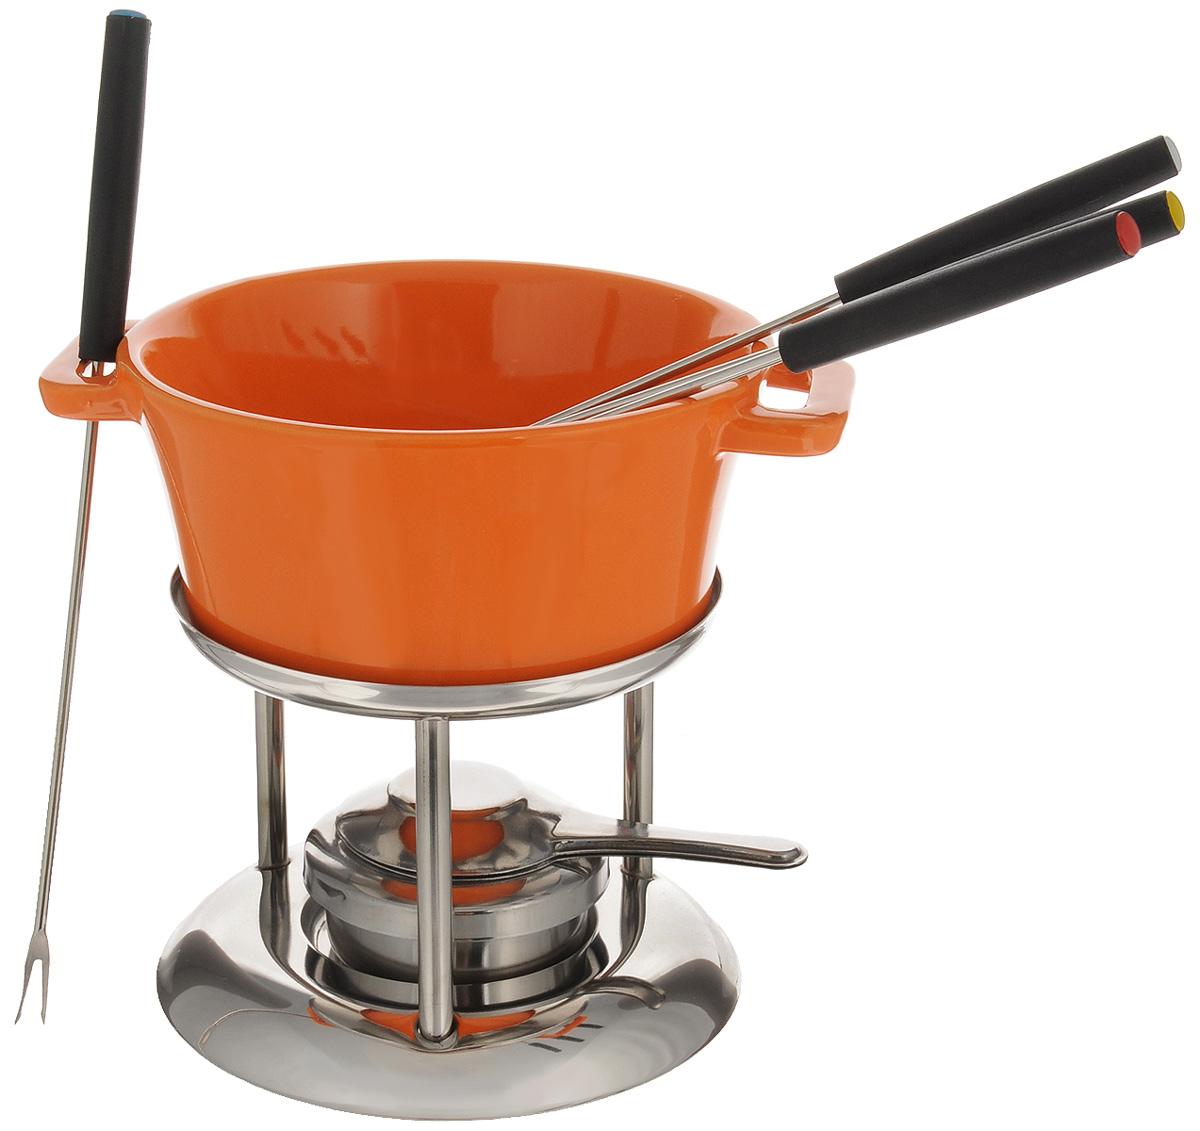 Набор для фондю Mayer & Boch, цвет: оранжевый, стальной, 7 предметов115510Набор для фондю Mayer & Boch имеет красивый и современный дизайн. Он прекрасно будет смотреться на столе и придаст вашему празднику, коктейльной вечеринке или интимному ужину праздничное настроение. Этот универсальный набор позволит каждому из ваших гостей насладиться тем продуктом, который им нравится больше всего, а также каждому предоставит возможность побыть своим личным шеф-поваром. Вы получите огромное удовольствие при приготовлении продуктов с помощью набора для фондю в любое время.Состав набора:Чаша. Подставка. 4 вилки.Стойка с подсвечником.Объем чаши: 600 мл.Диаметр чаши (по верхнему краю): 15 см.Высота чаши: 7 см.Длина вилок: 23 см.Диаметр подставки: 14,5 см.Высота подставки: 10,5 см.